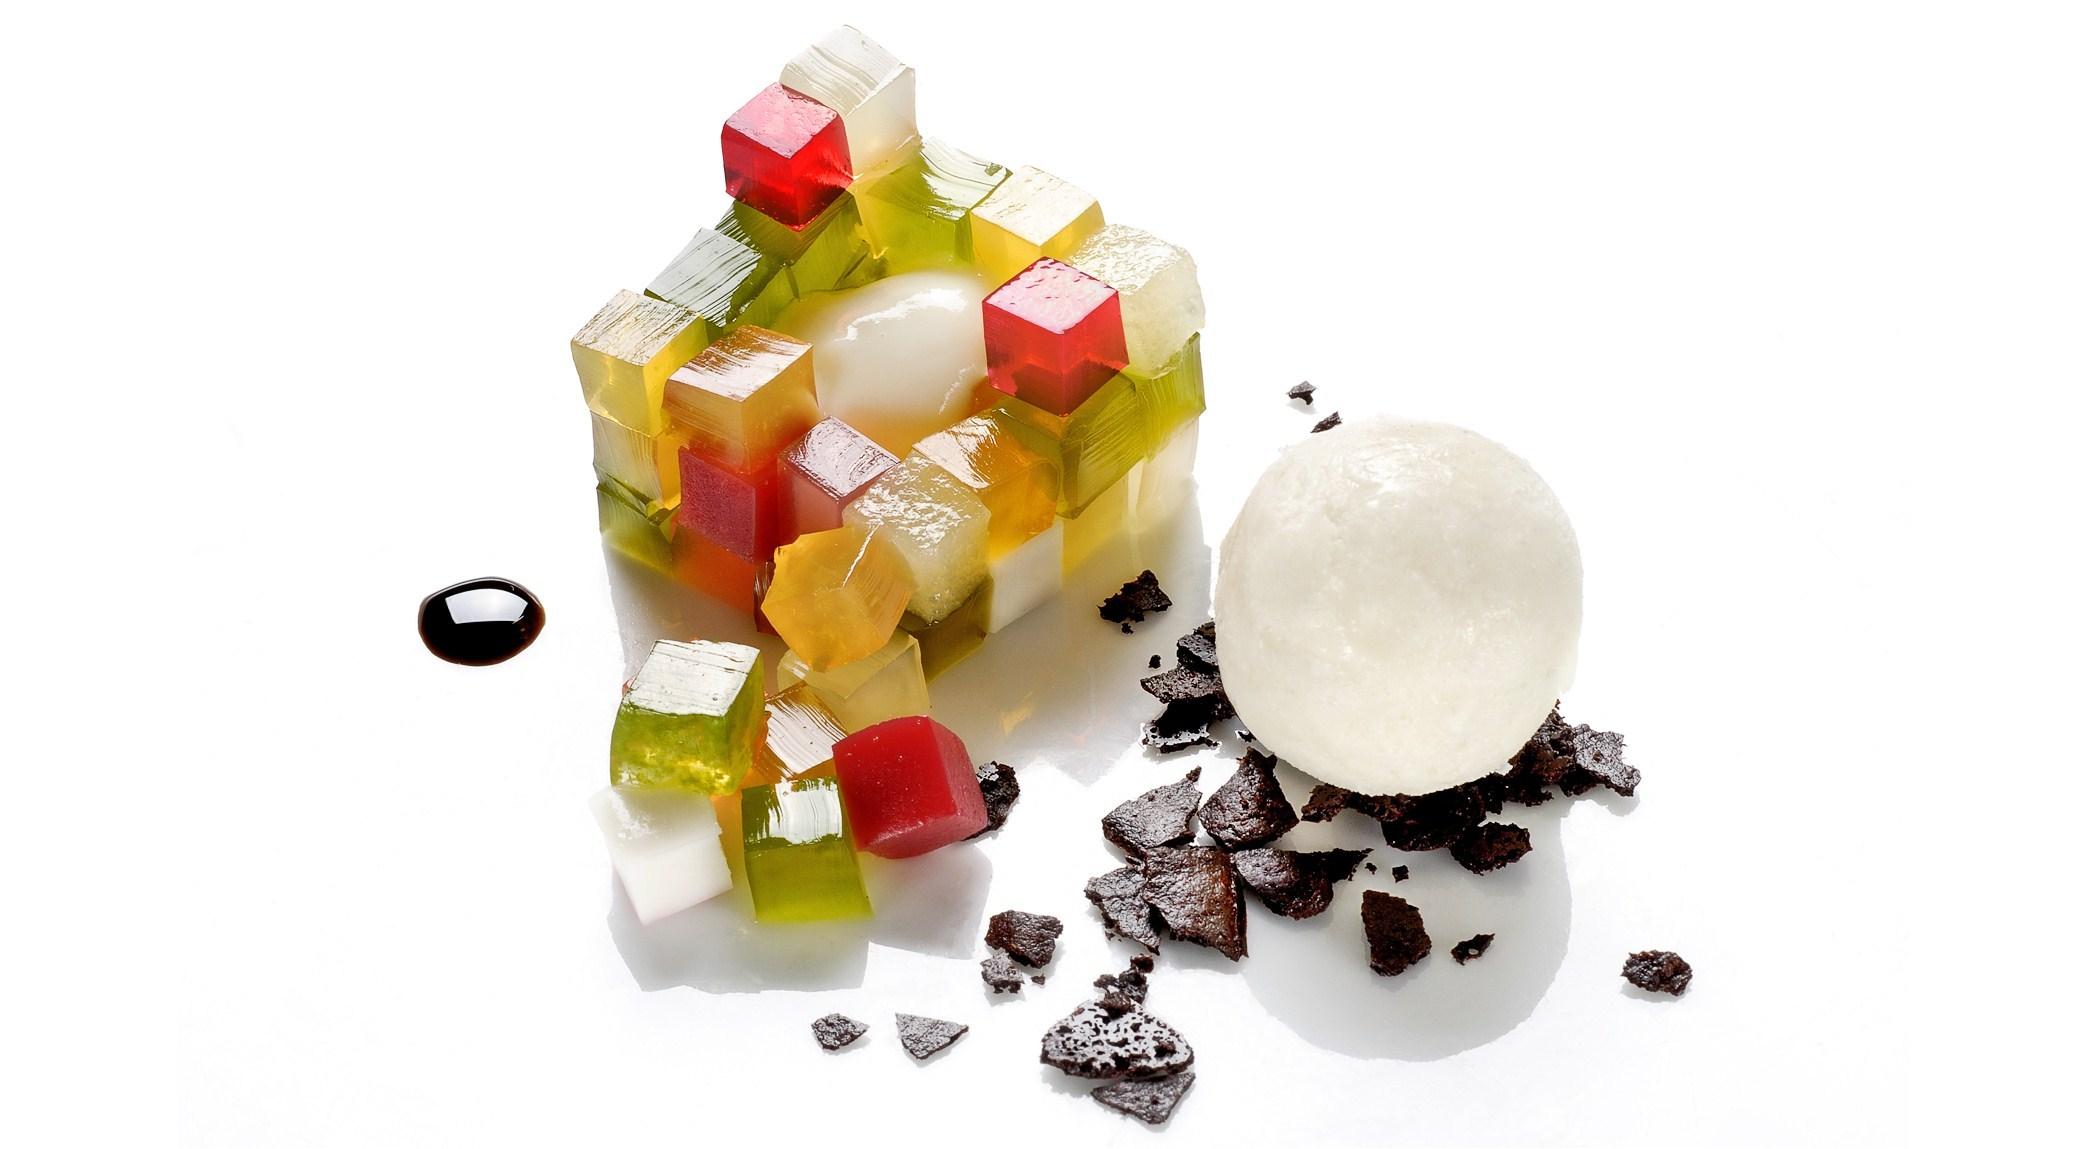 Massimo bottura e la cucina delle idee travel on art - Cucina molecolare chef ...